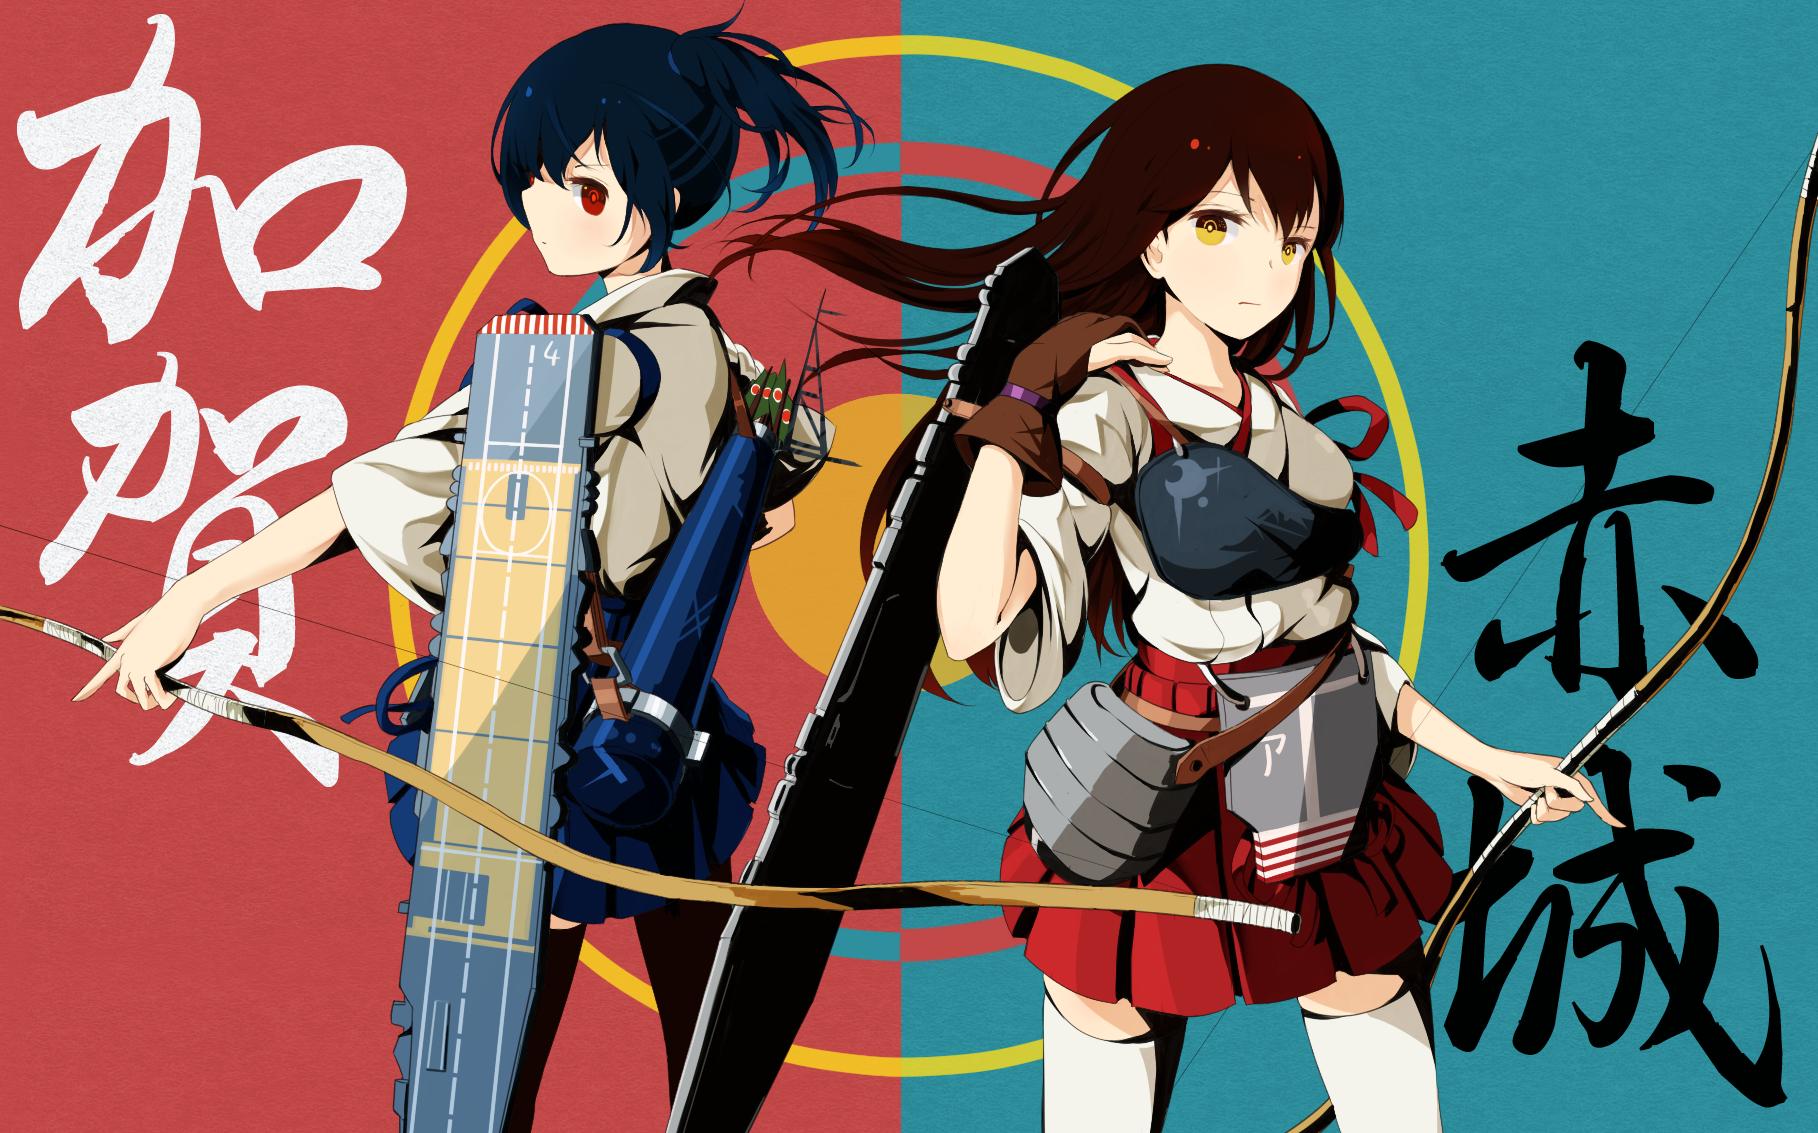 艦これ 加賀x赤城 一朵烧麦のイラスト アニメ アニメの女の子 イラスト